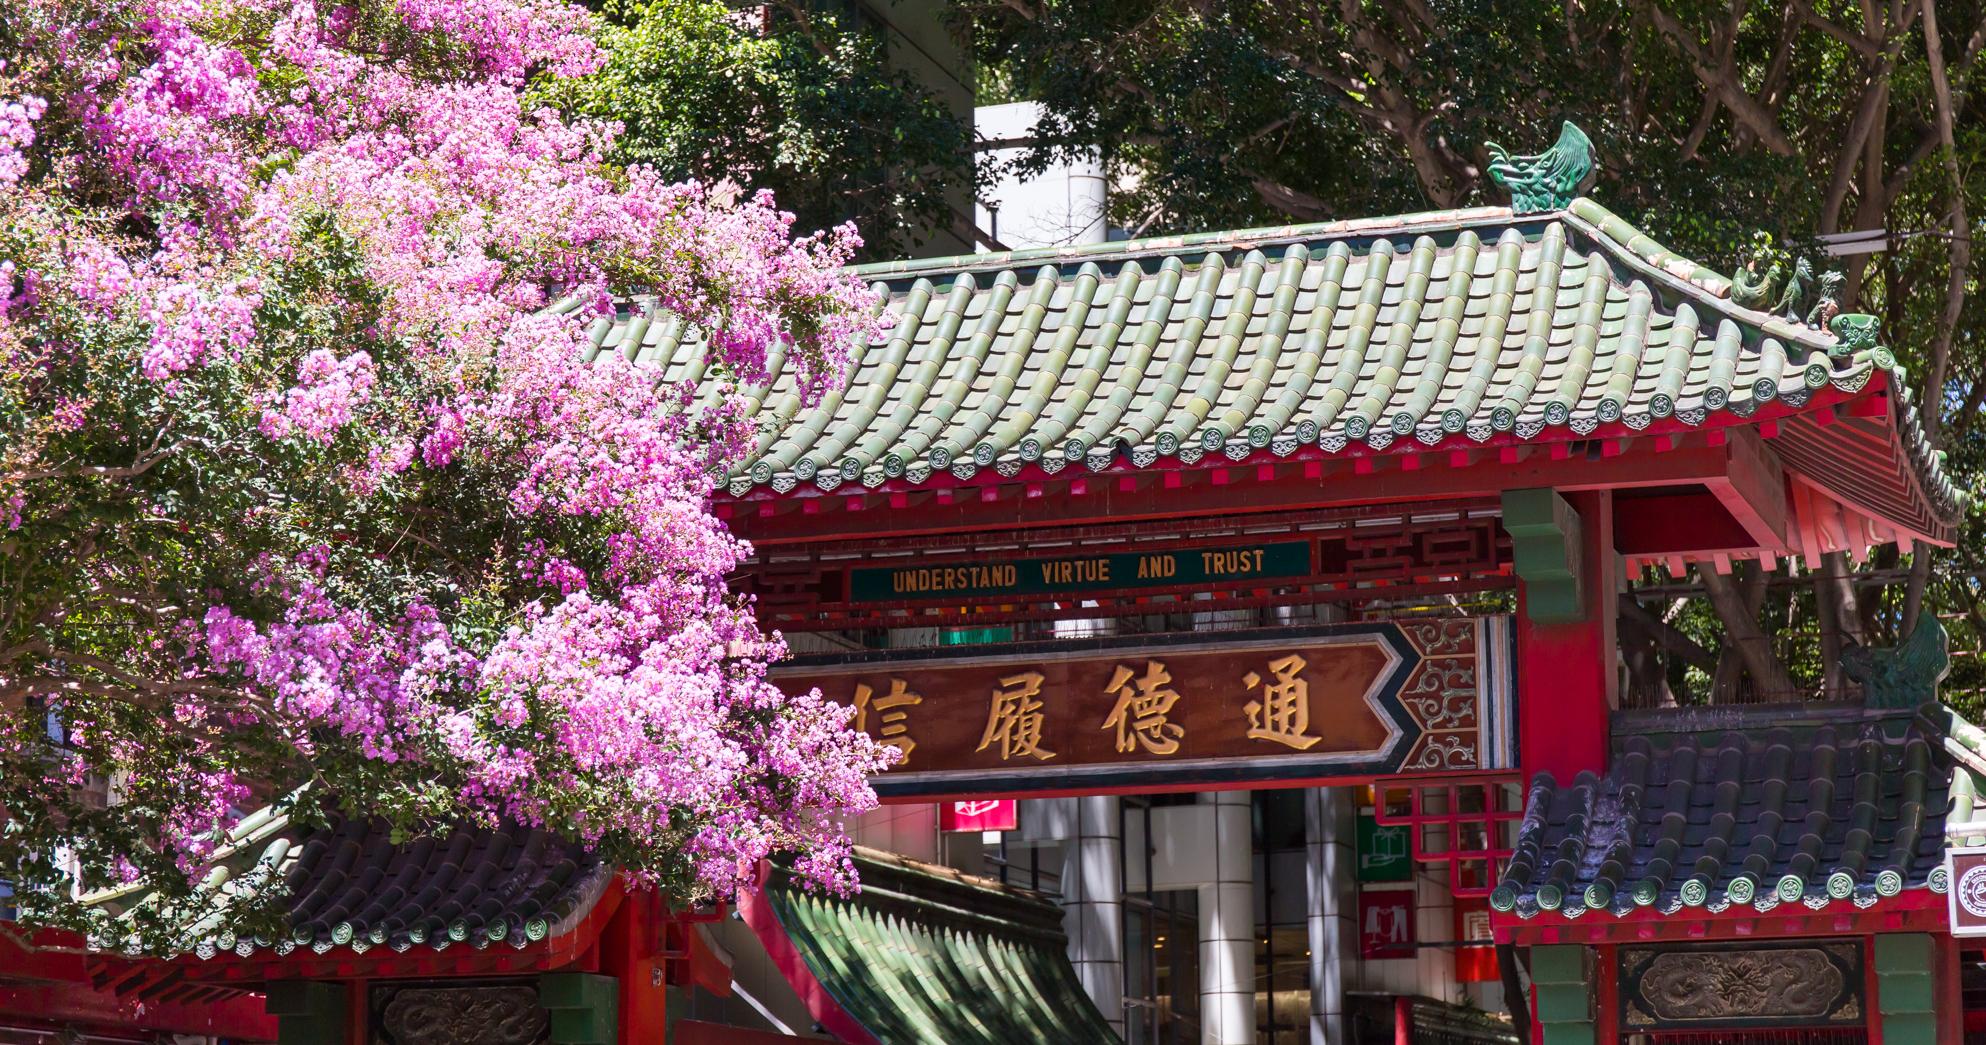 チャイナタウンでお粥の朝食 SUPERBOWL CHINESE RESTAURANT(スーパーボウル) | HAYMARKET(ヘイマーケット)